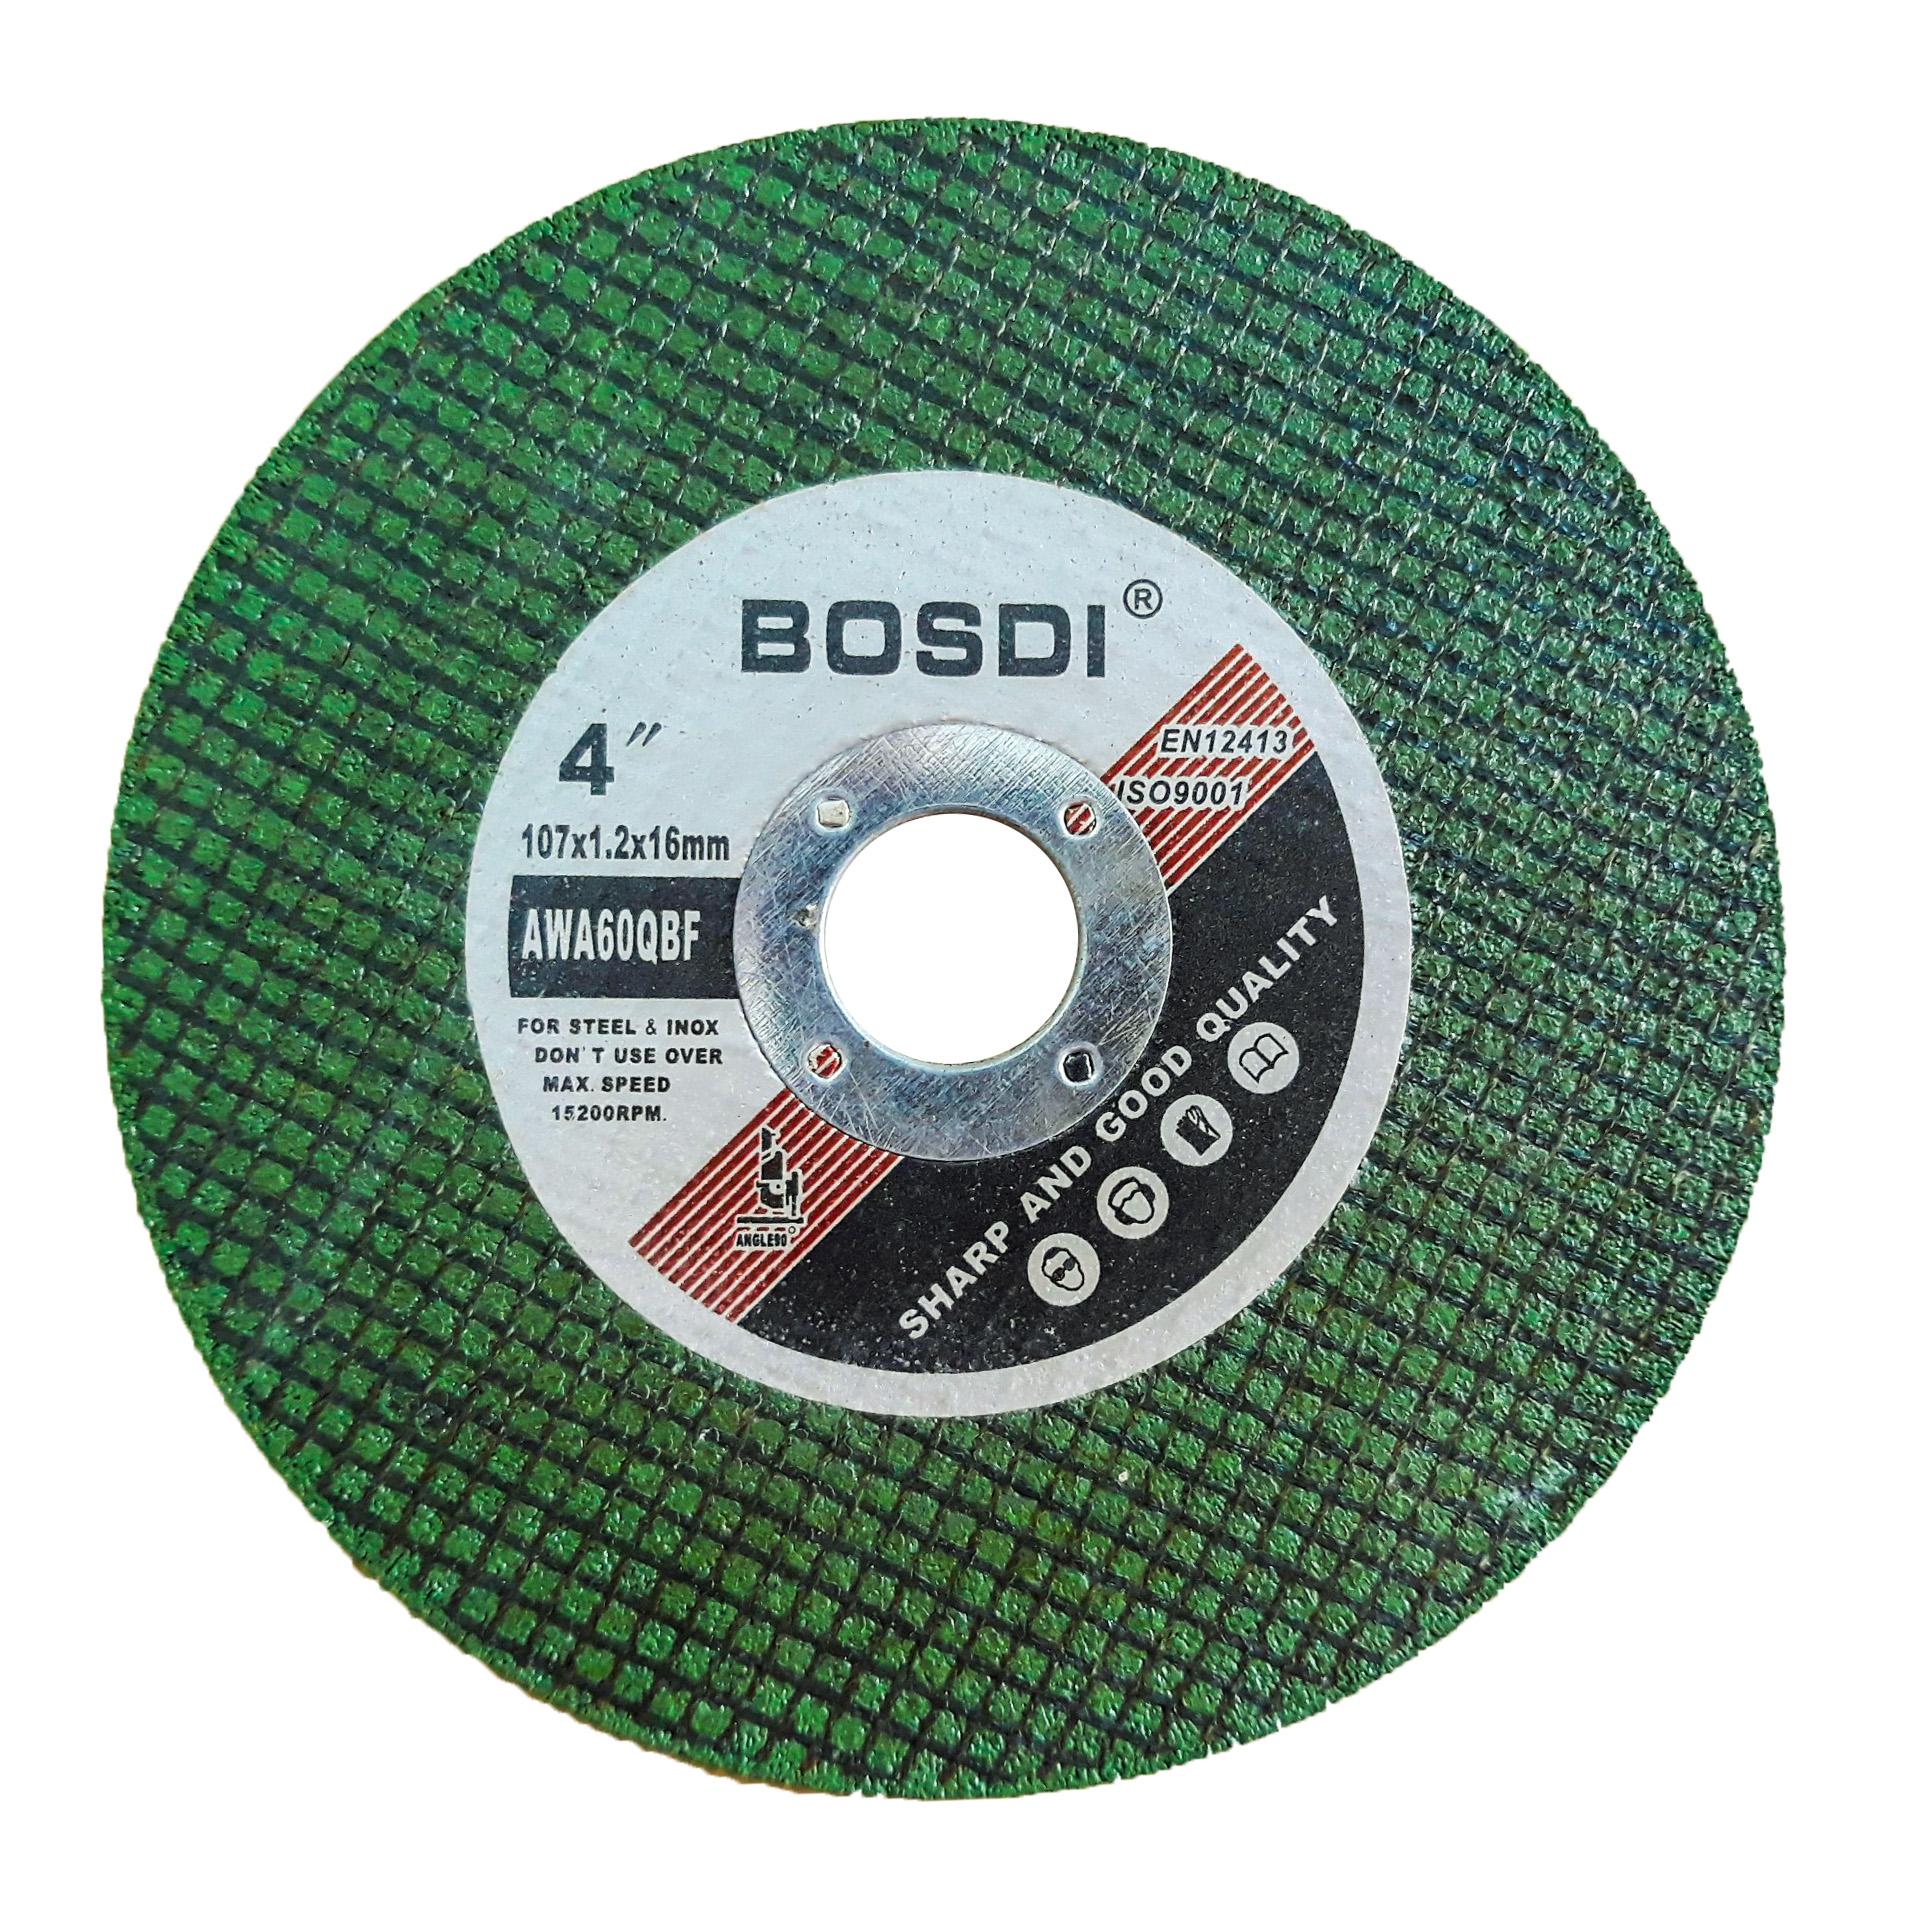 Đá cắt xanh BOSDI 107x1.2x16